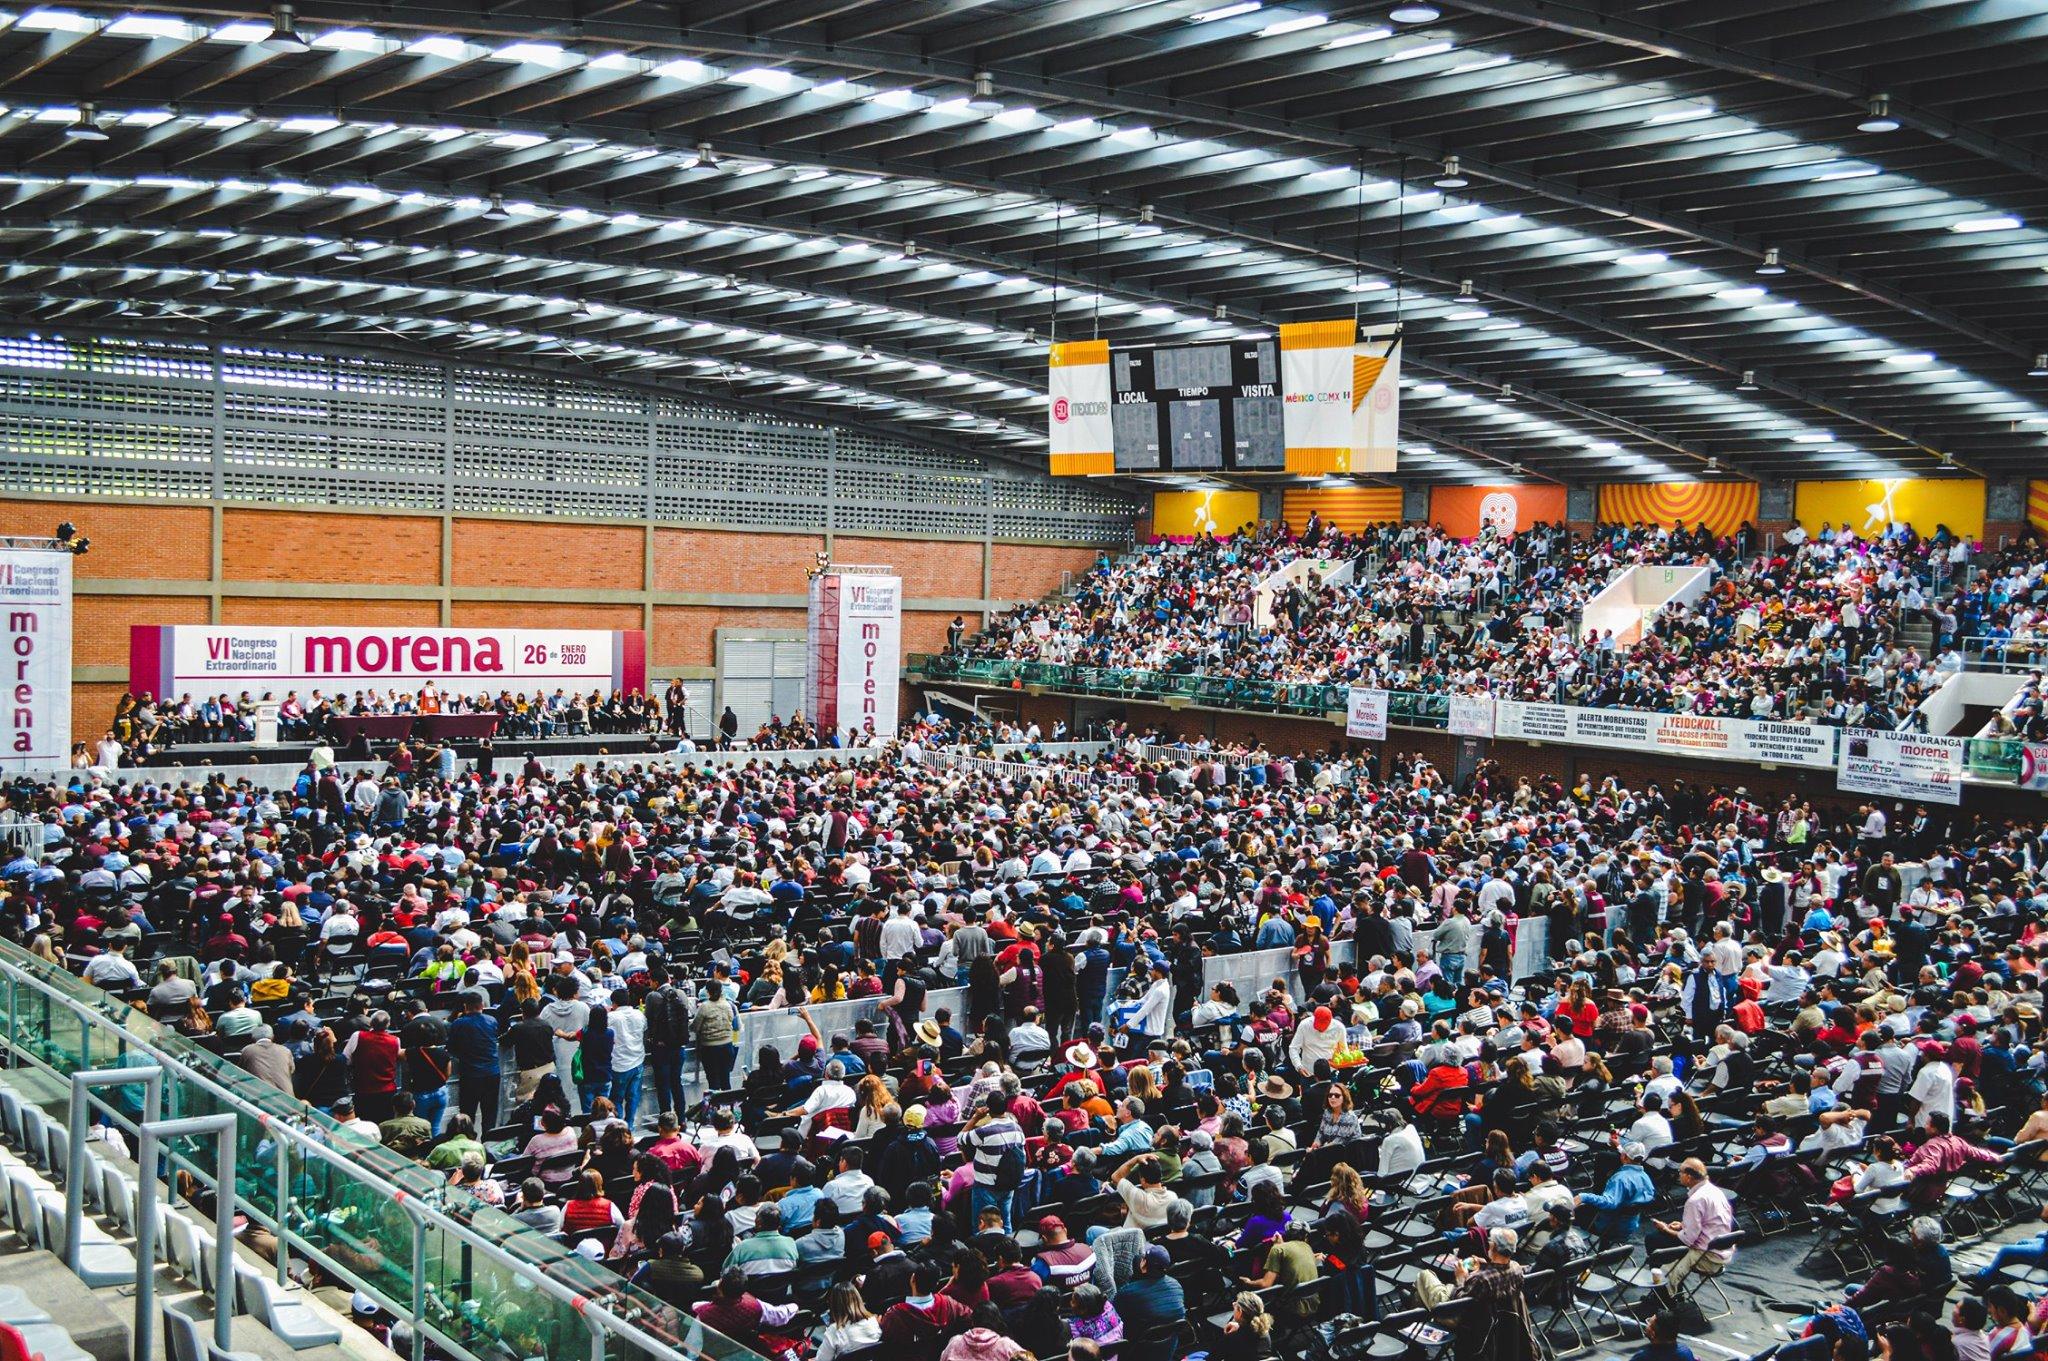 Triunfo de Morena en 2021 creará dudas para invertir en México: BTG Pactual